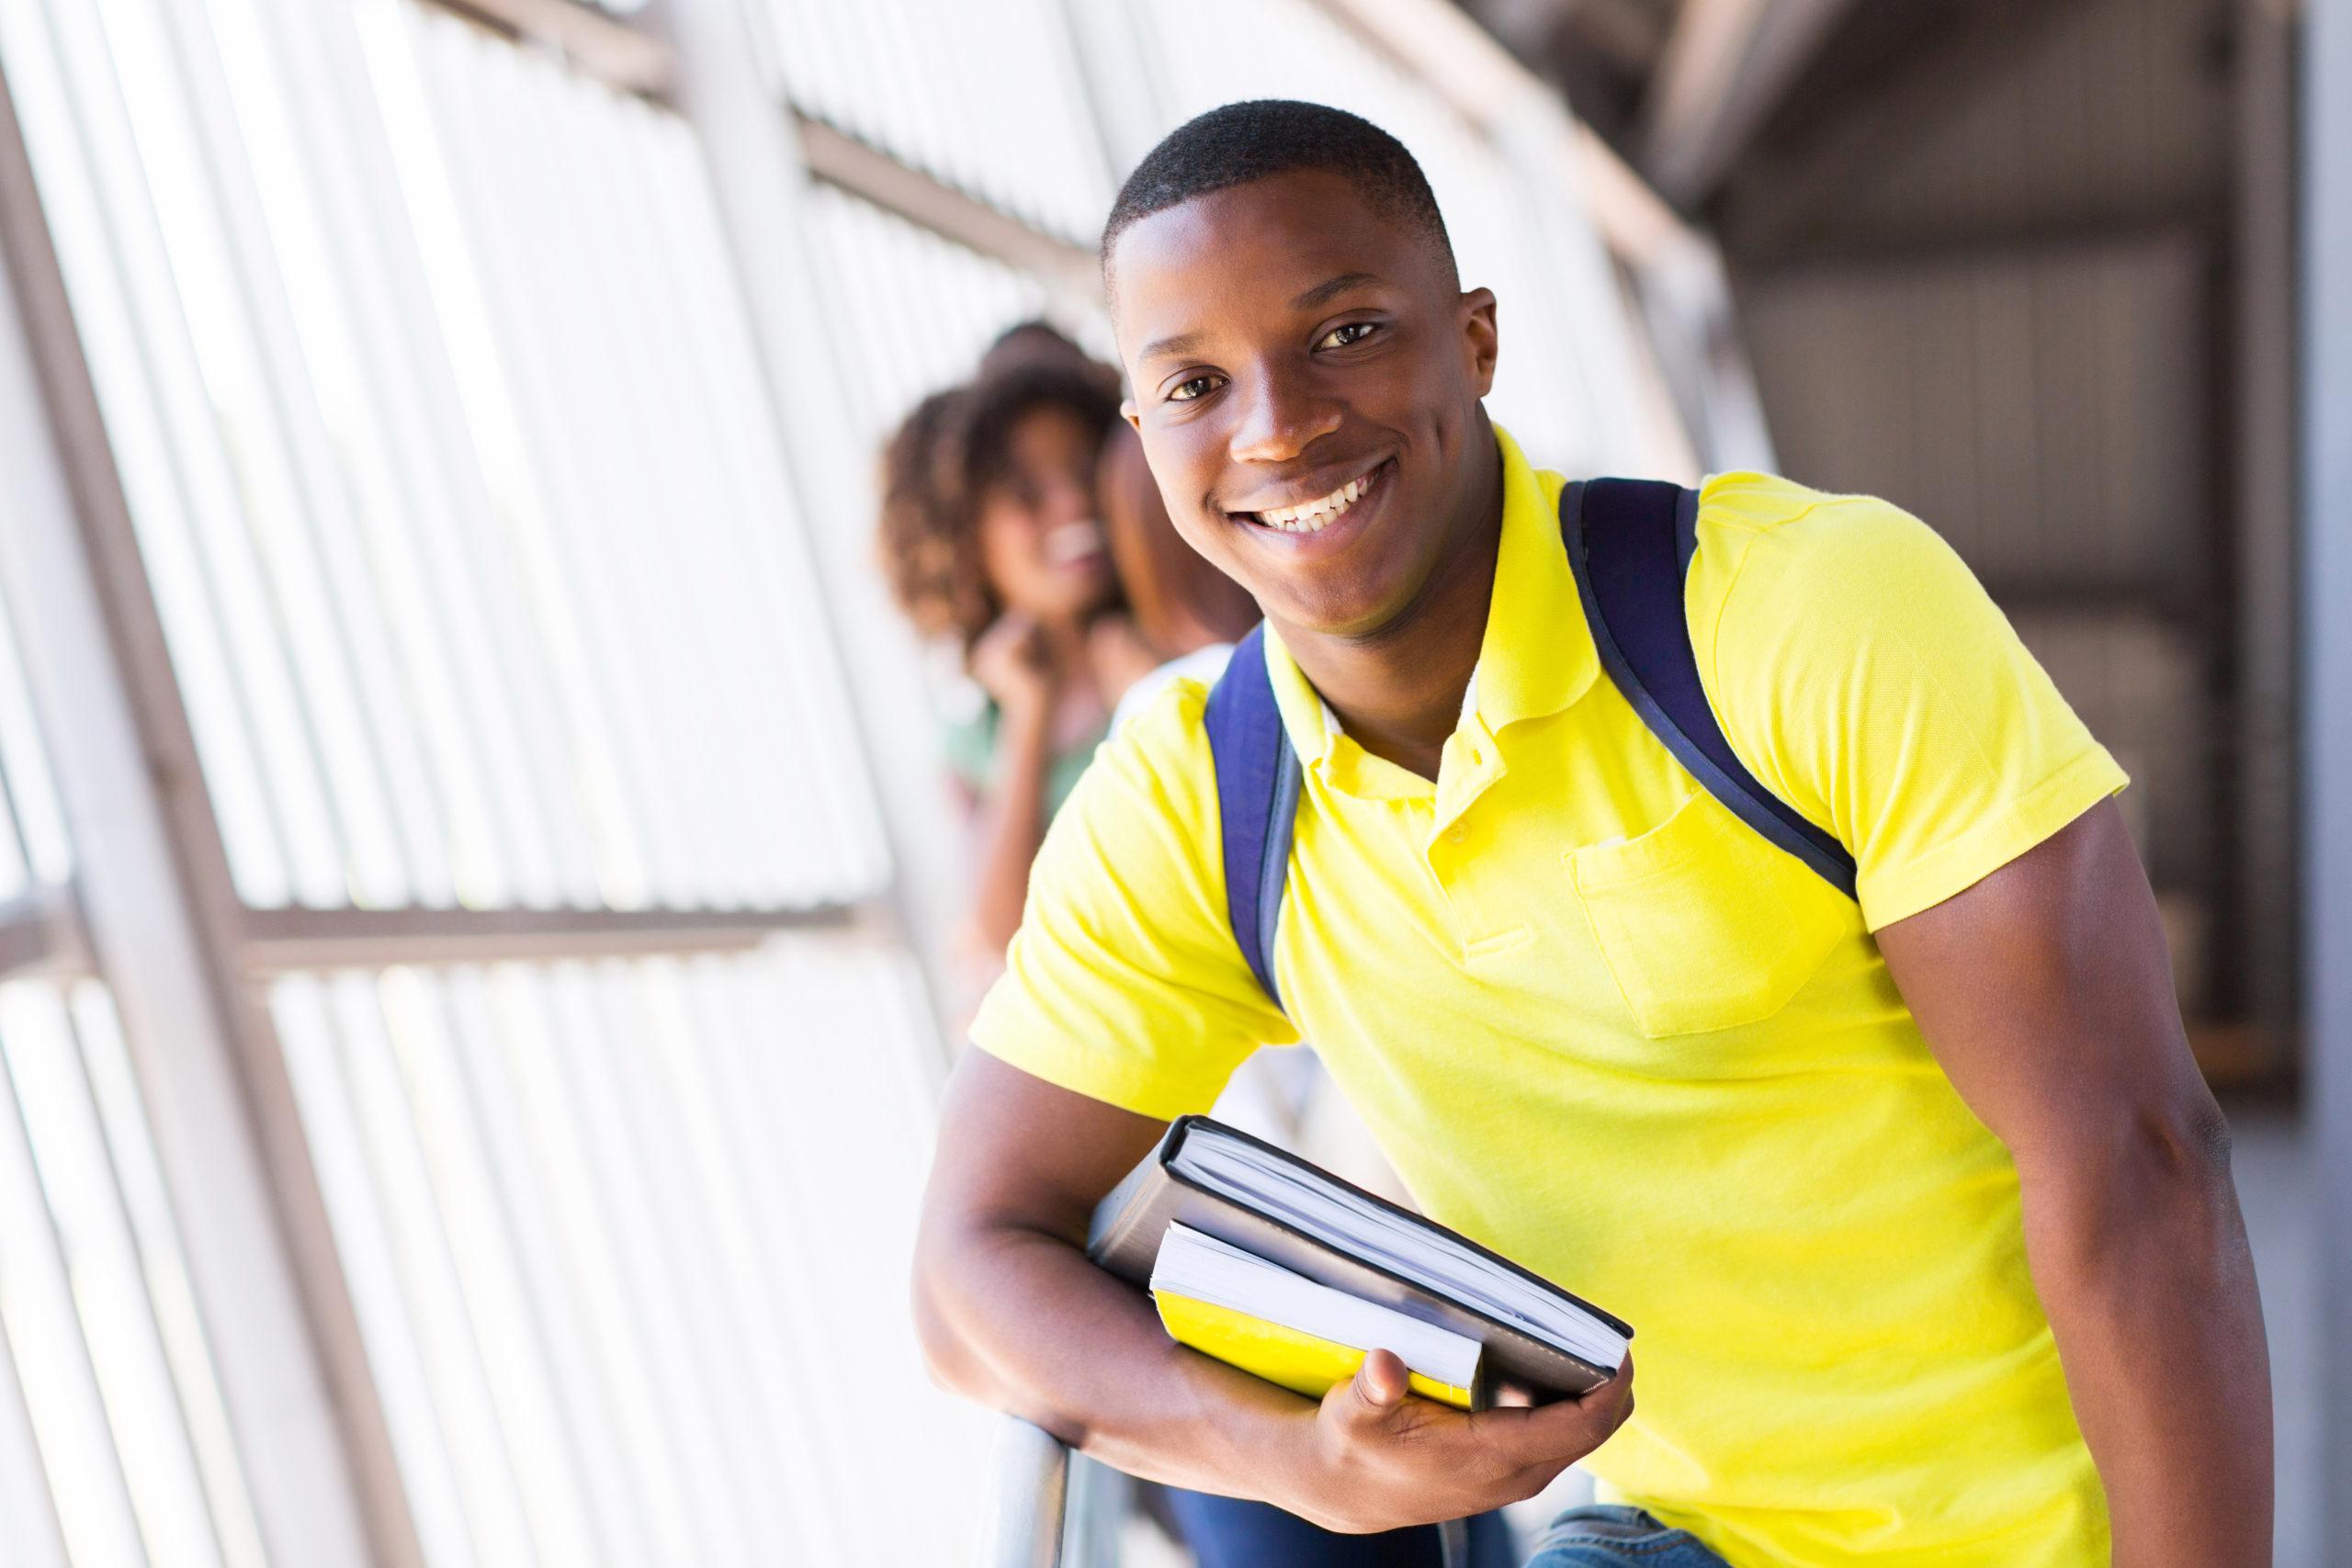 Les-bourses-detudes-sanitaires-et-sociales-dans-la-caraibe-educarib-formation-excellence-antilles-caribbean